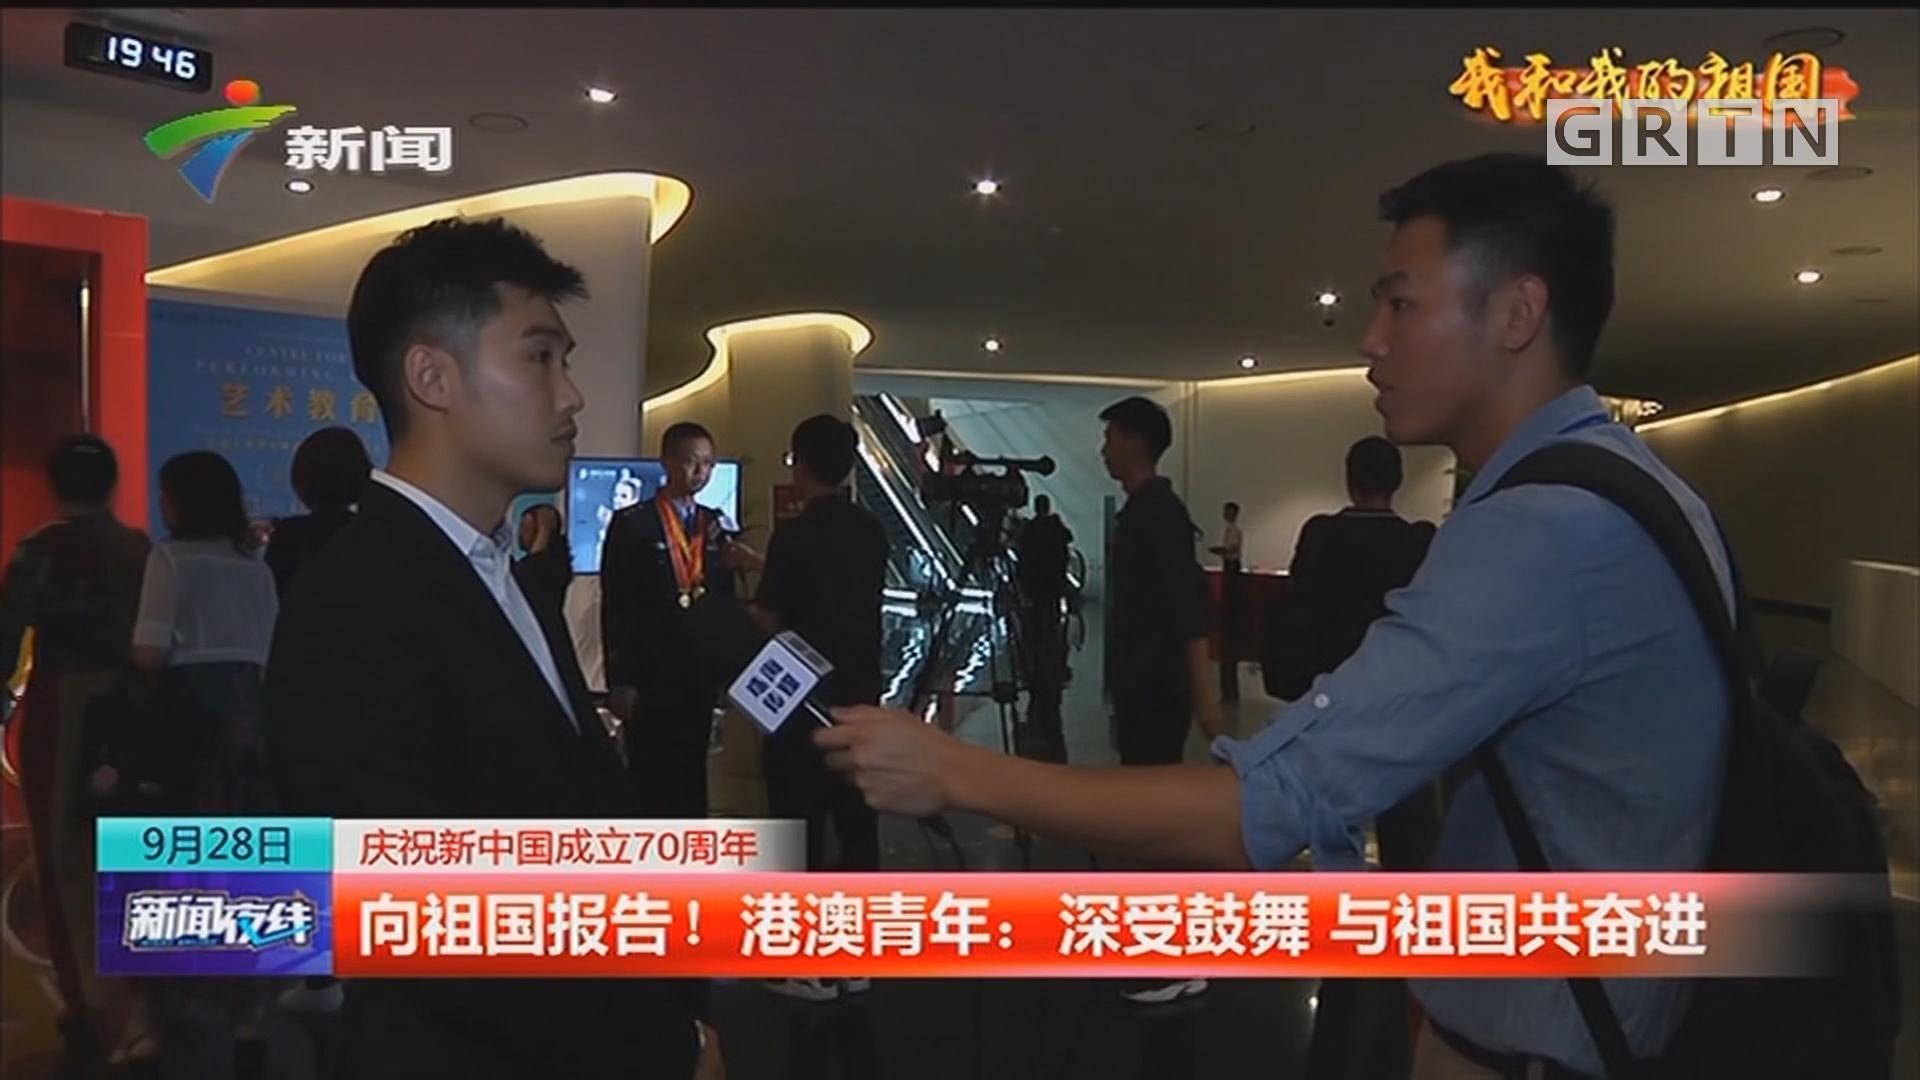 庆祝新中国成立70周年 向祖国报告!港澳青年:深受鼓舞 与祖国共奋进